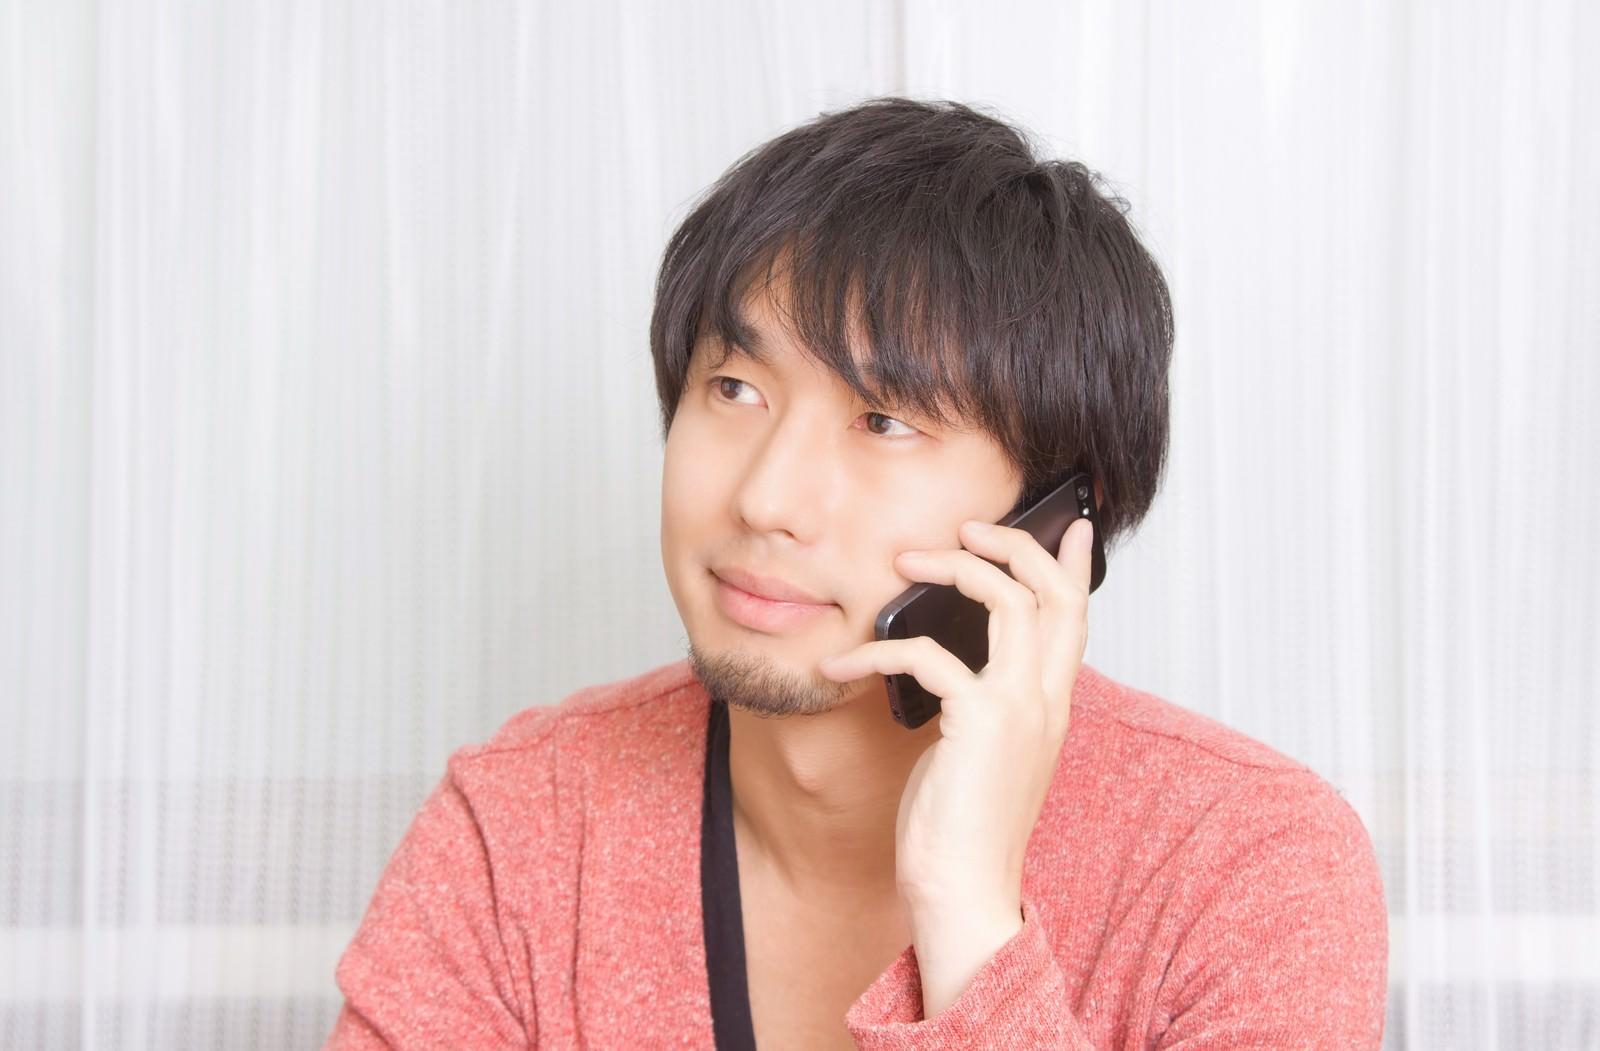 「彼女に電話をかける男性彼女に電話をかける男性」[モデル:大川竜弥]のフリー写真素材を拡大